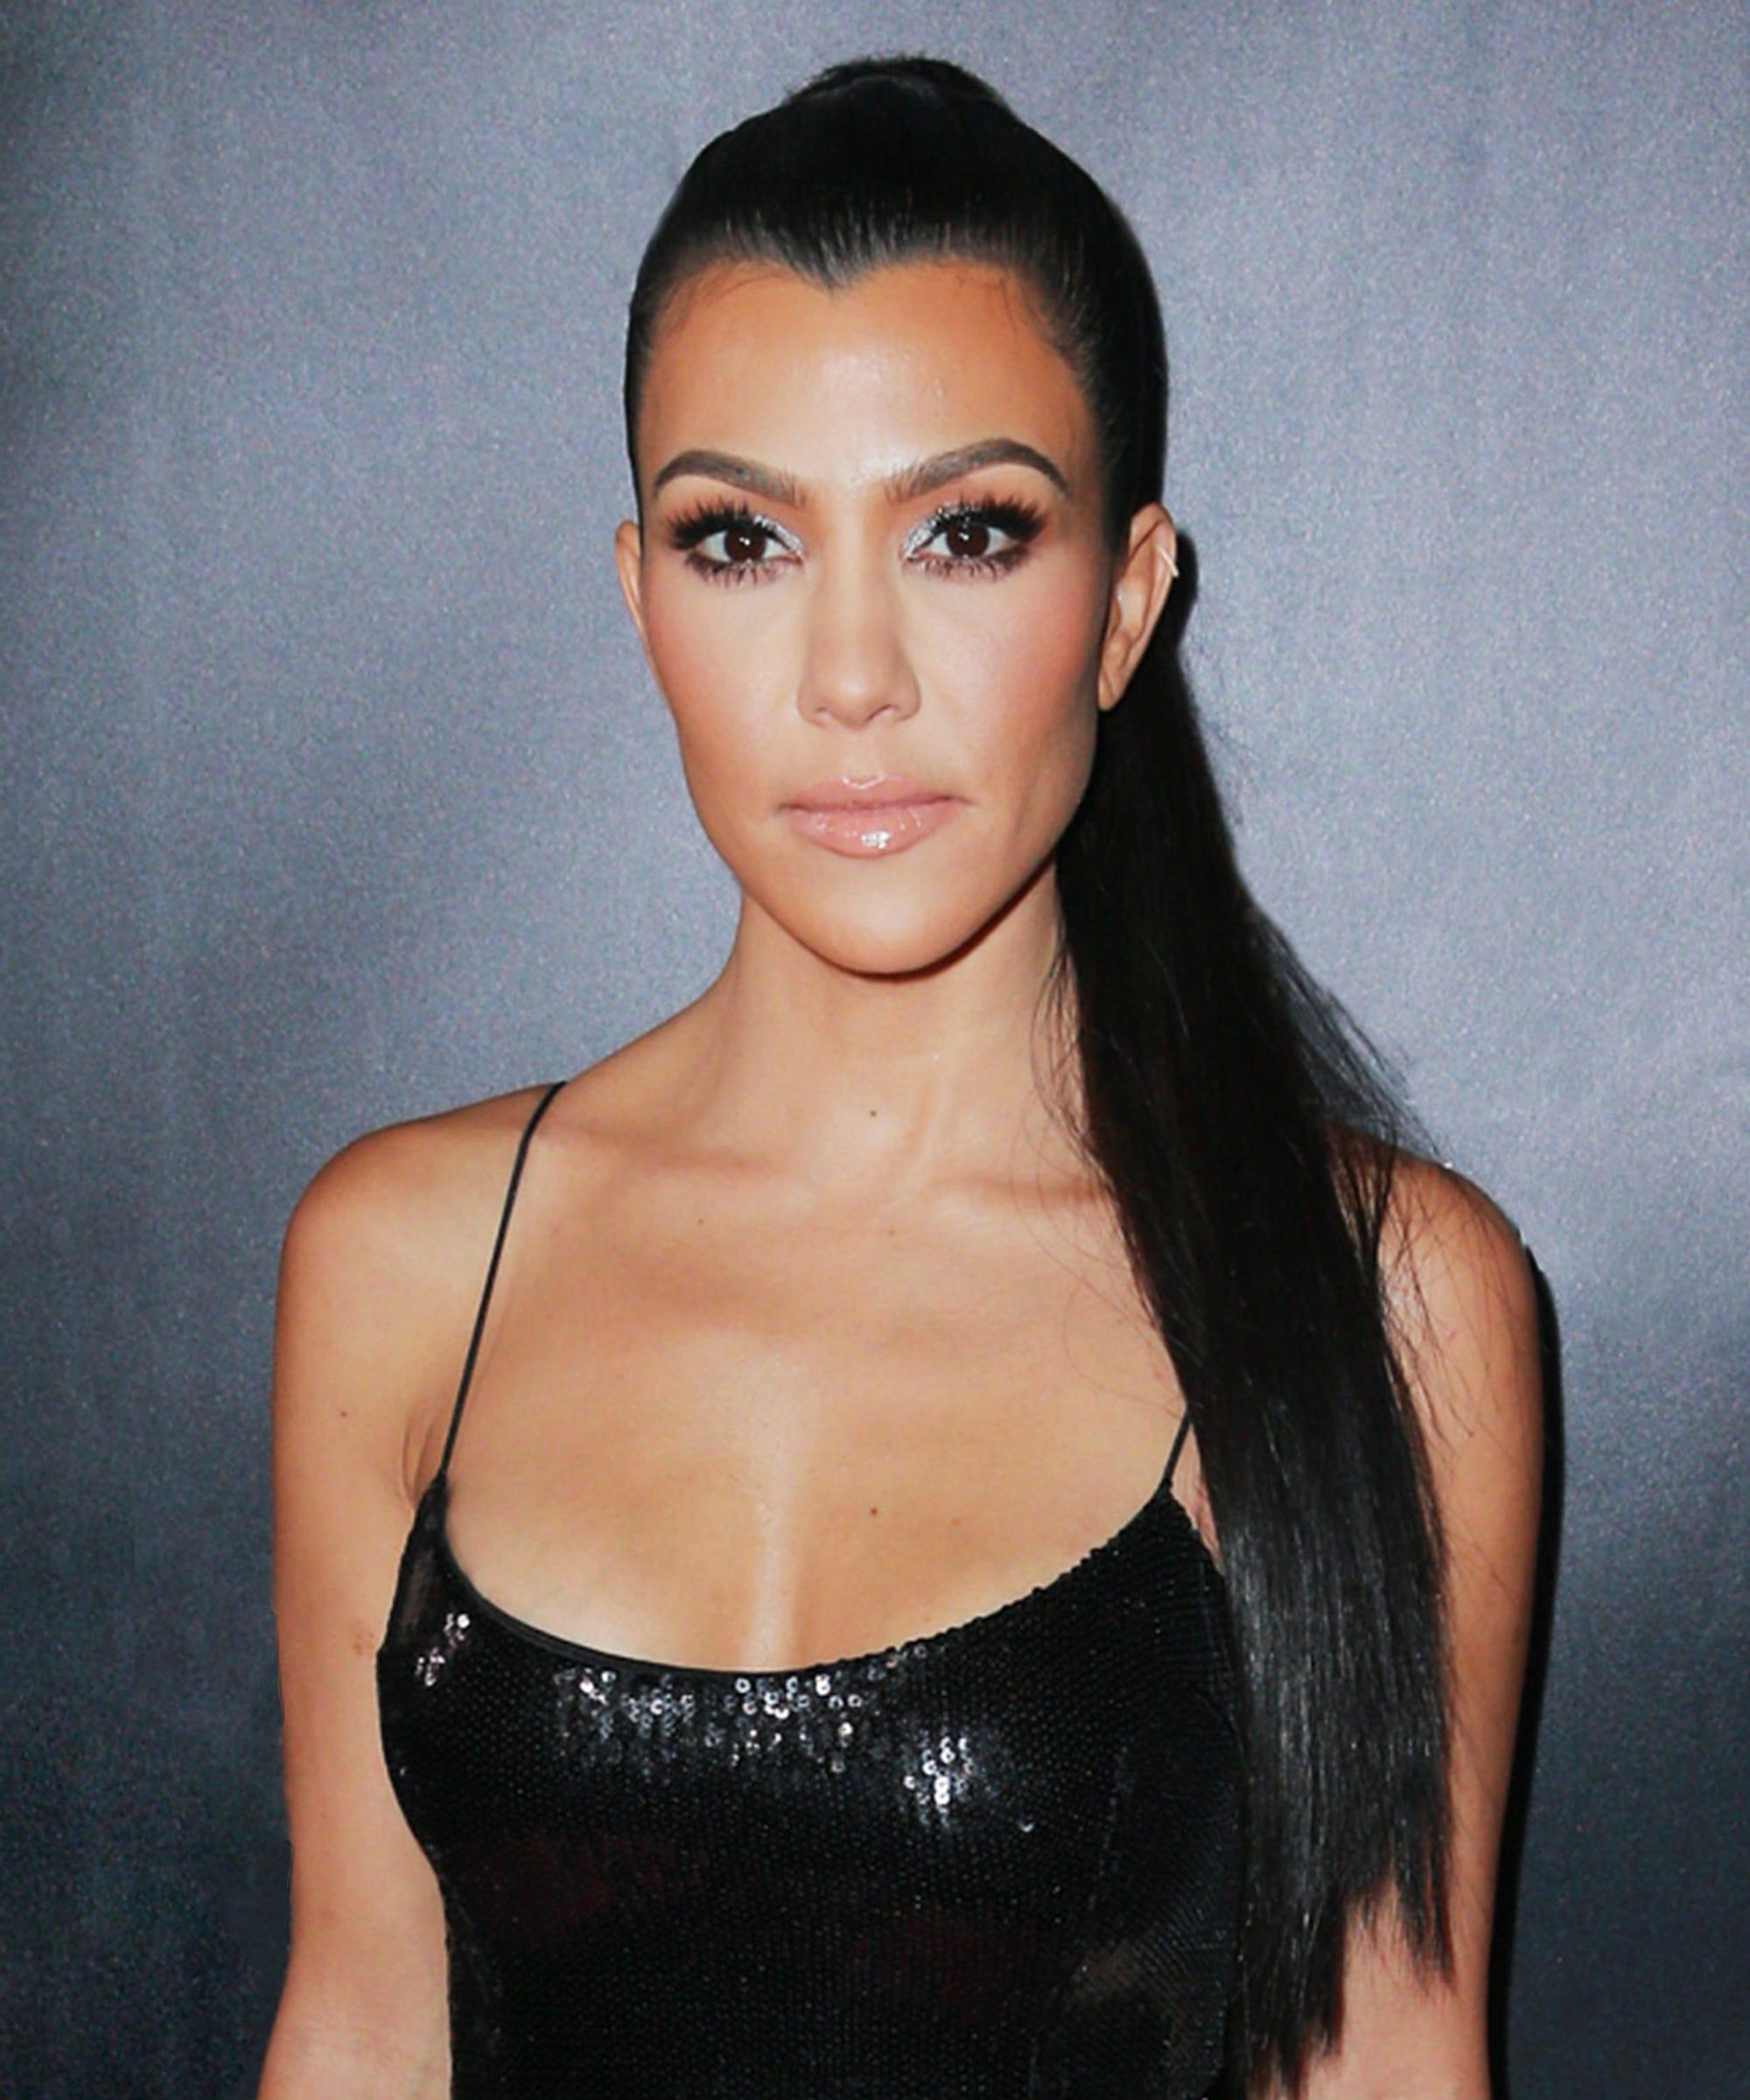 kourtney kardashian diet 2018